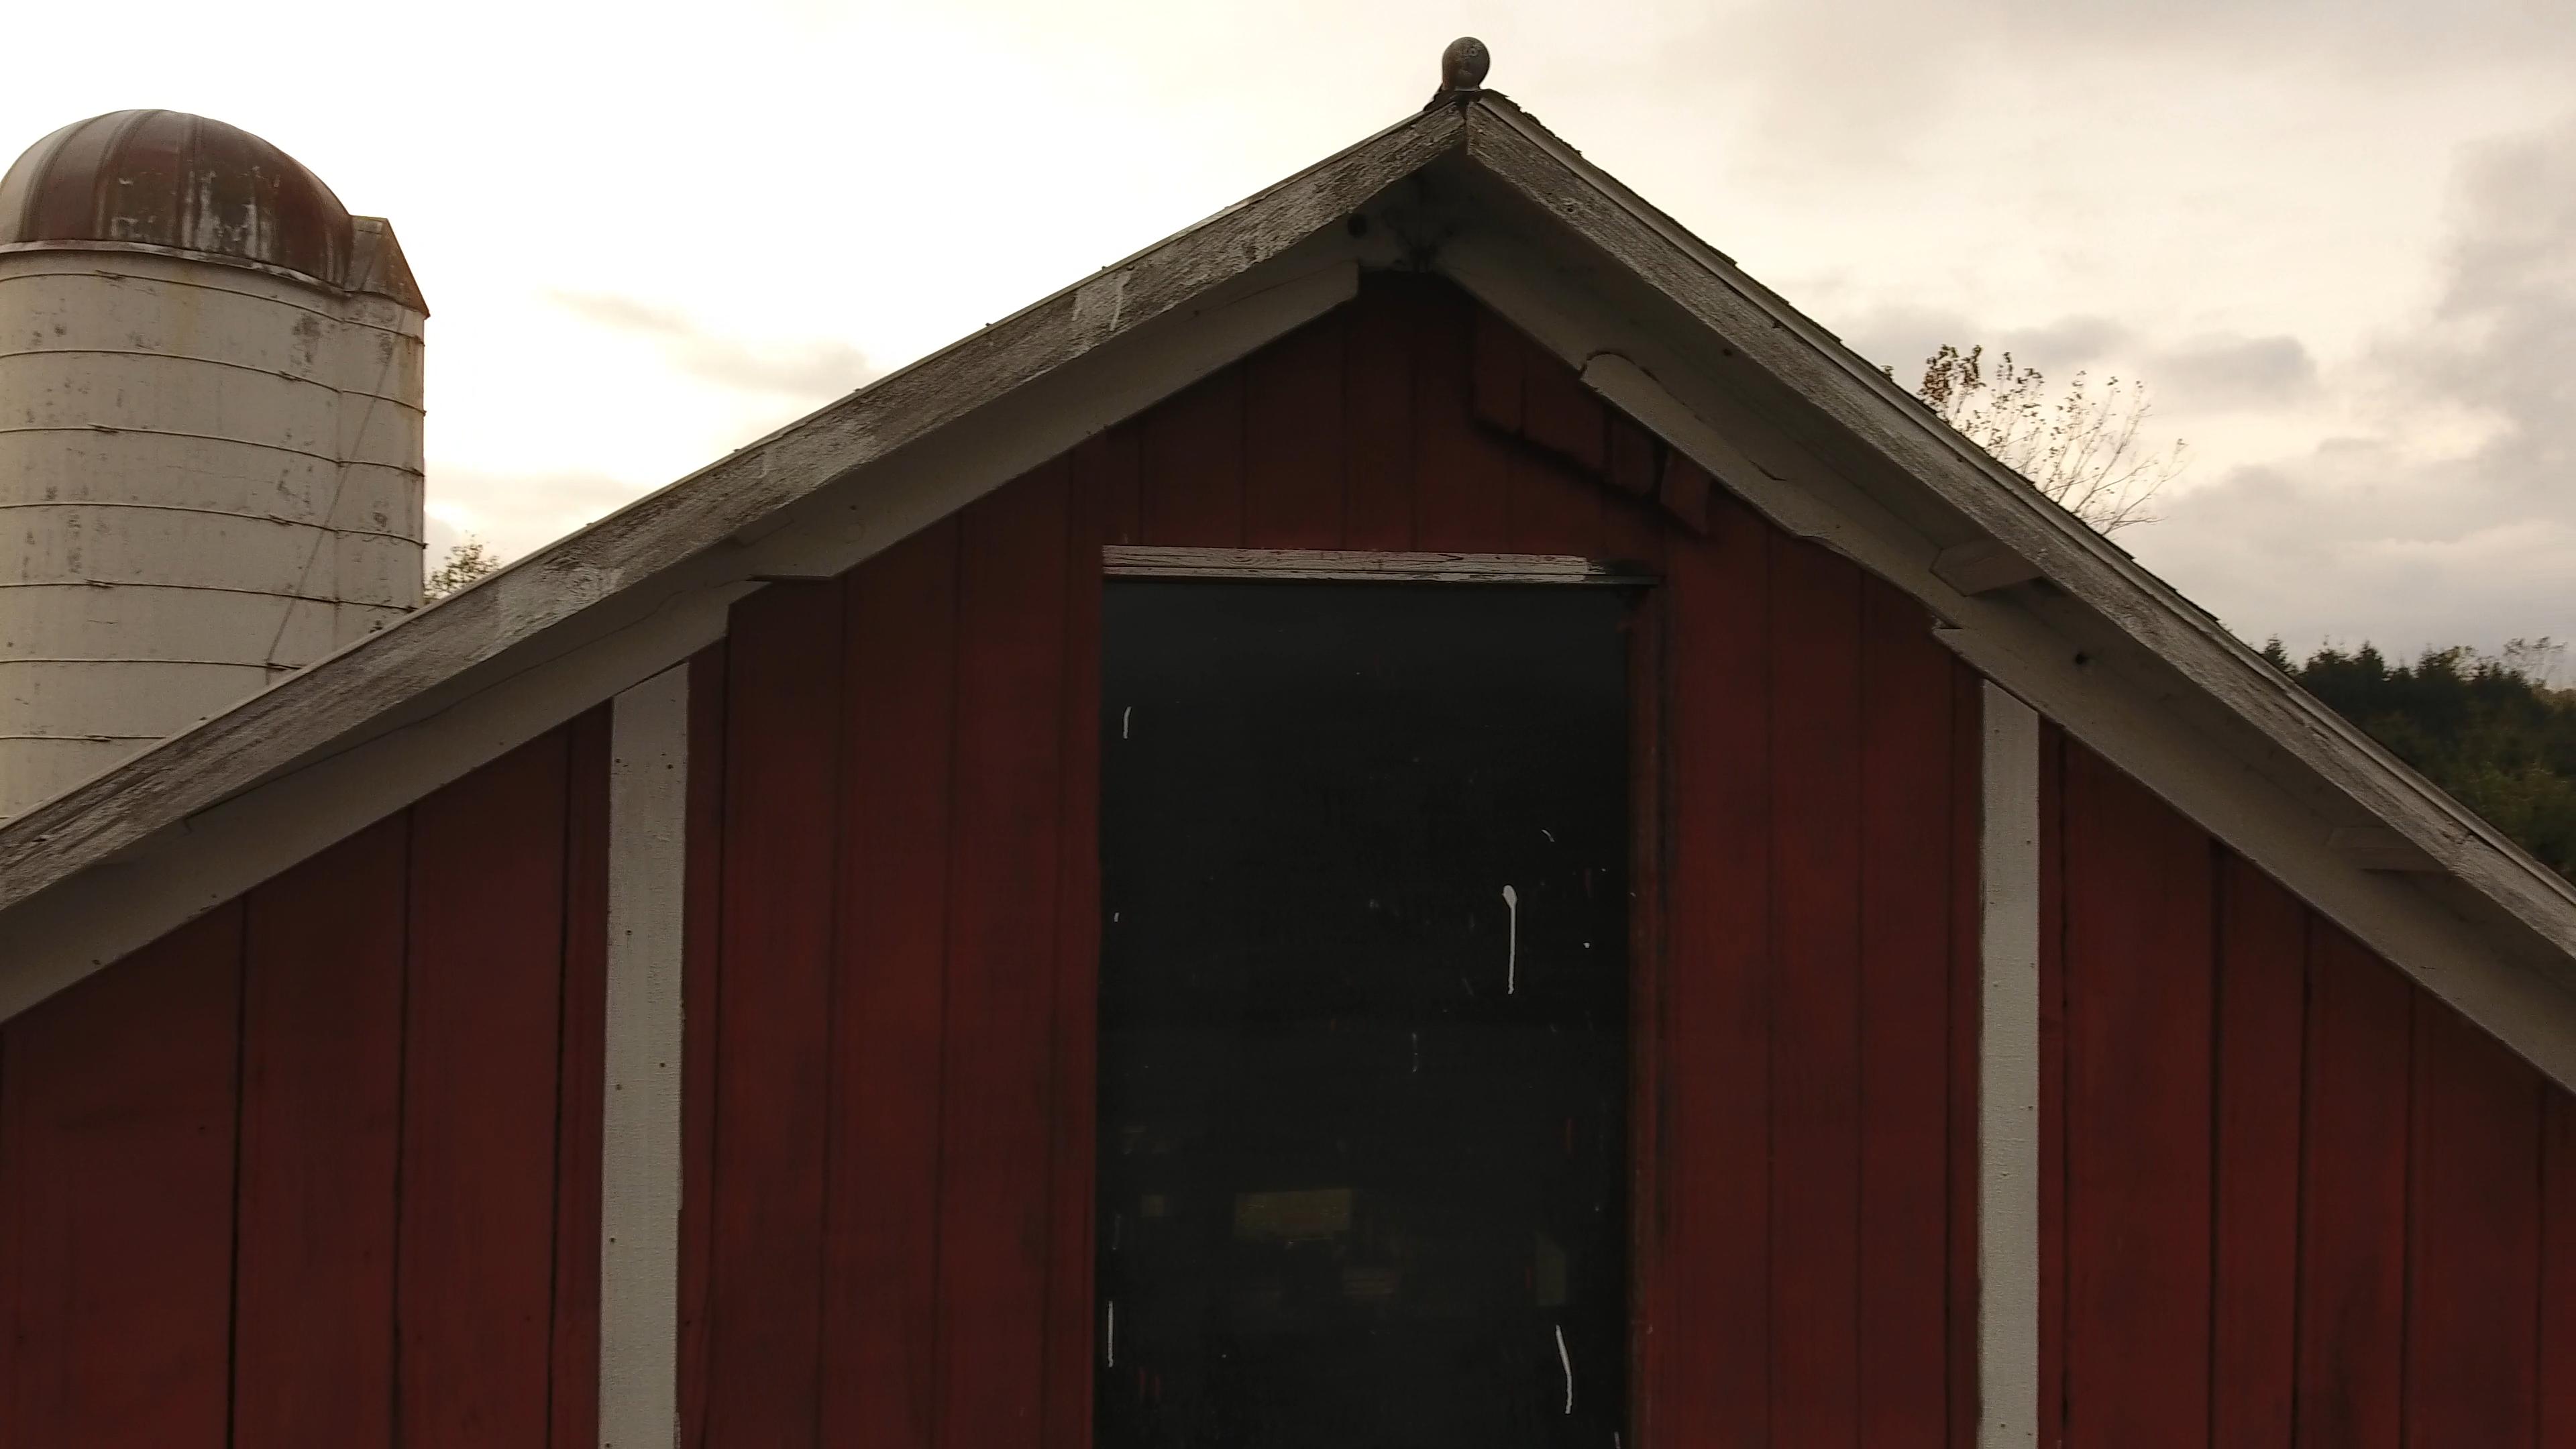 inspection barn peak 10-20-18